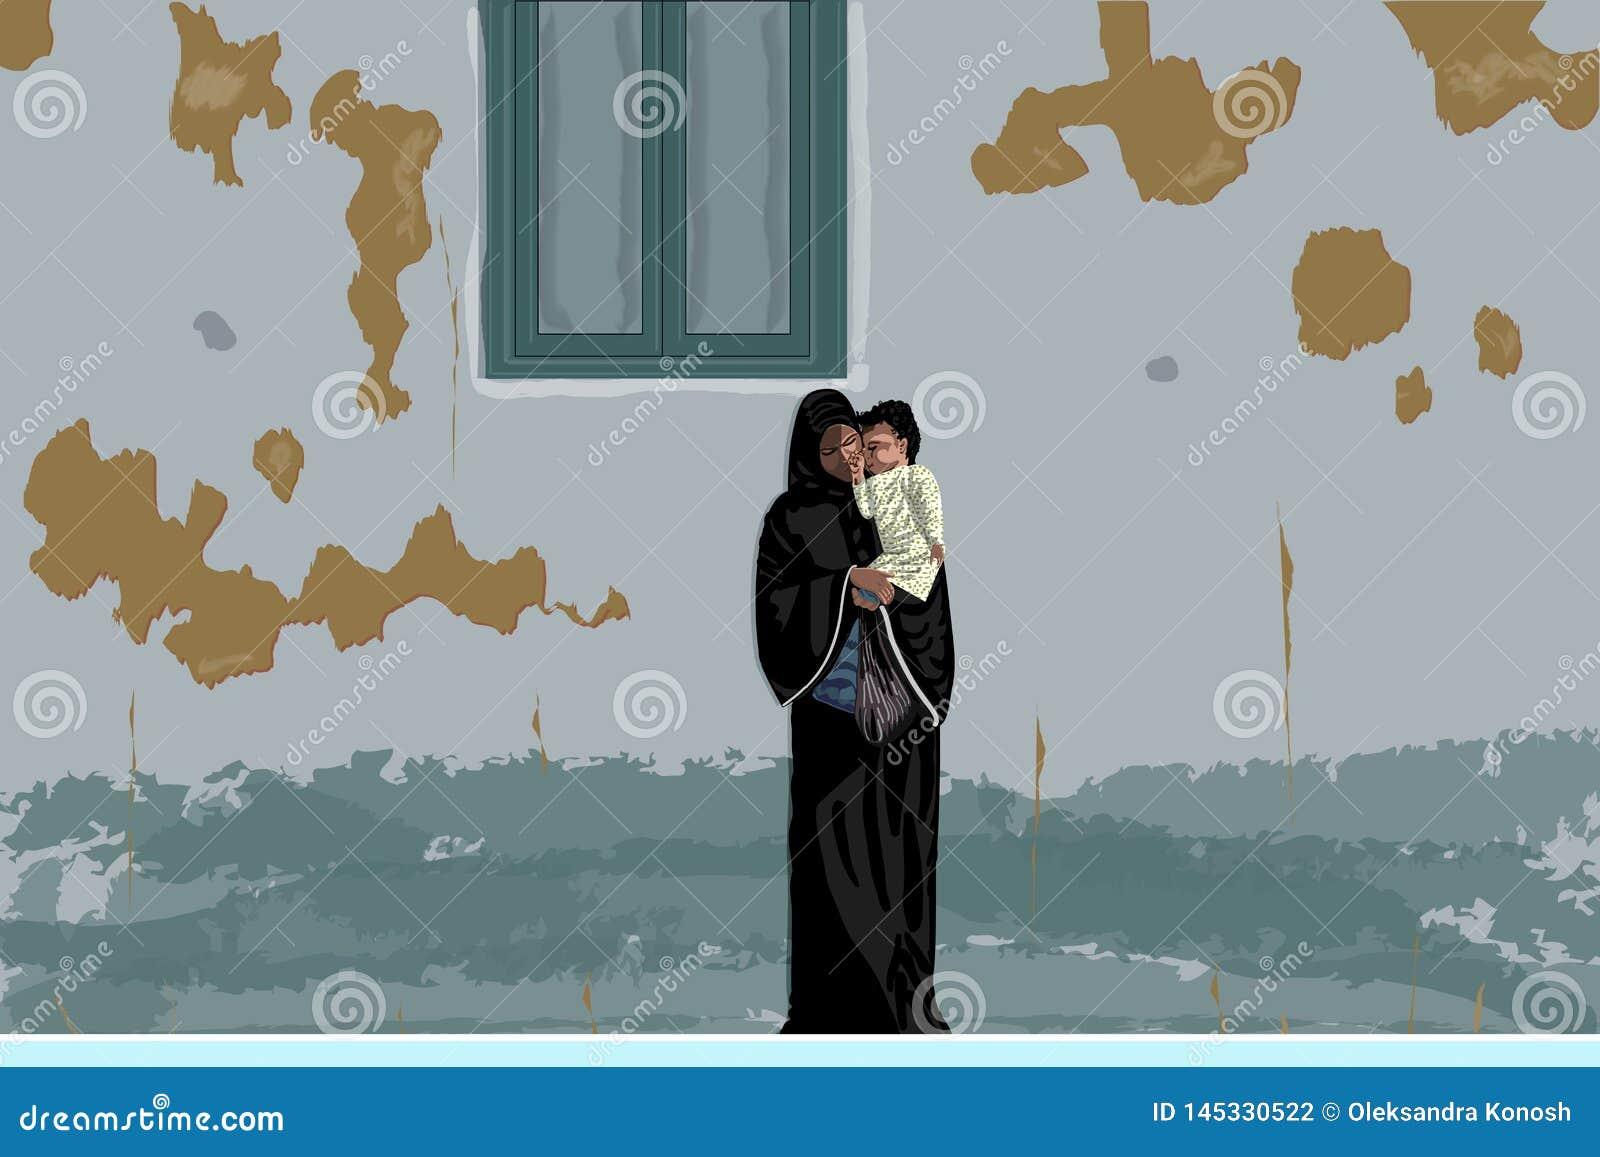 Mãe árabe no abaya preto e hijab com pouco bebê em suas mãos sob a parede gasto, Egito